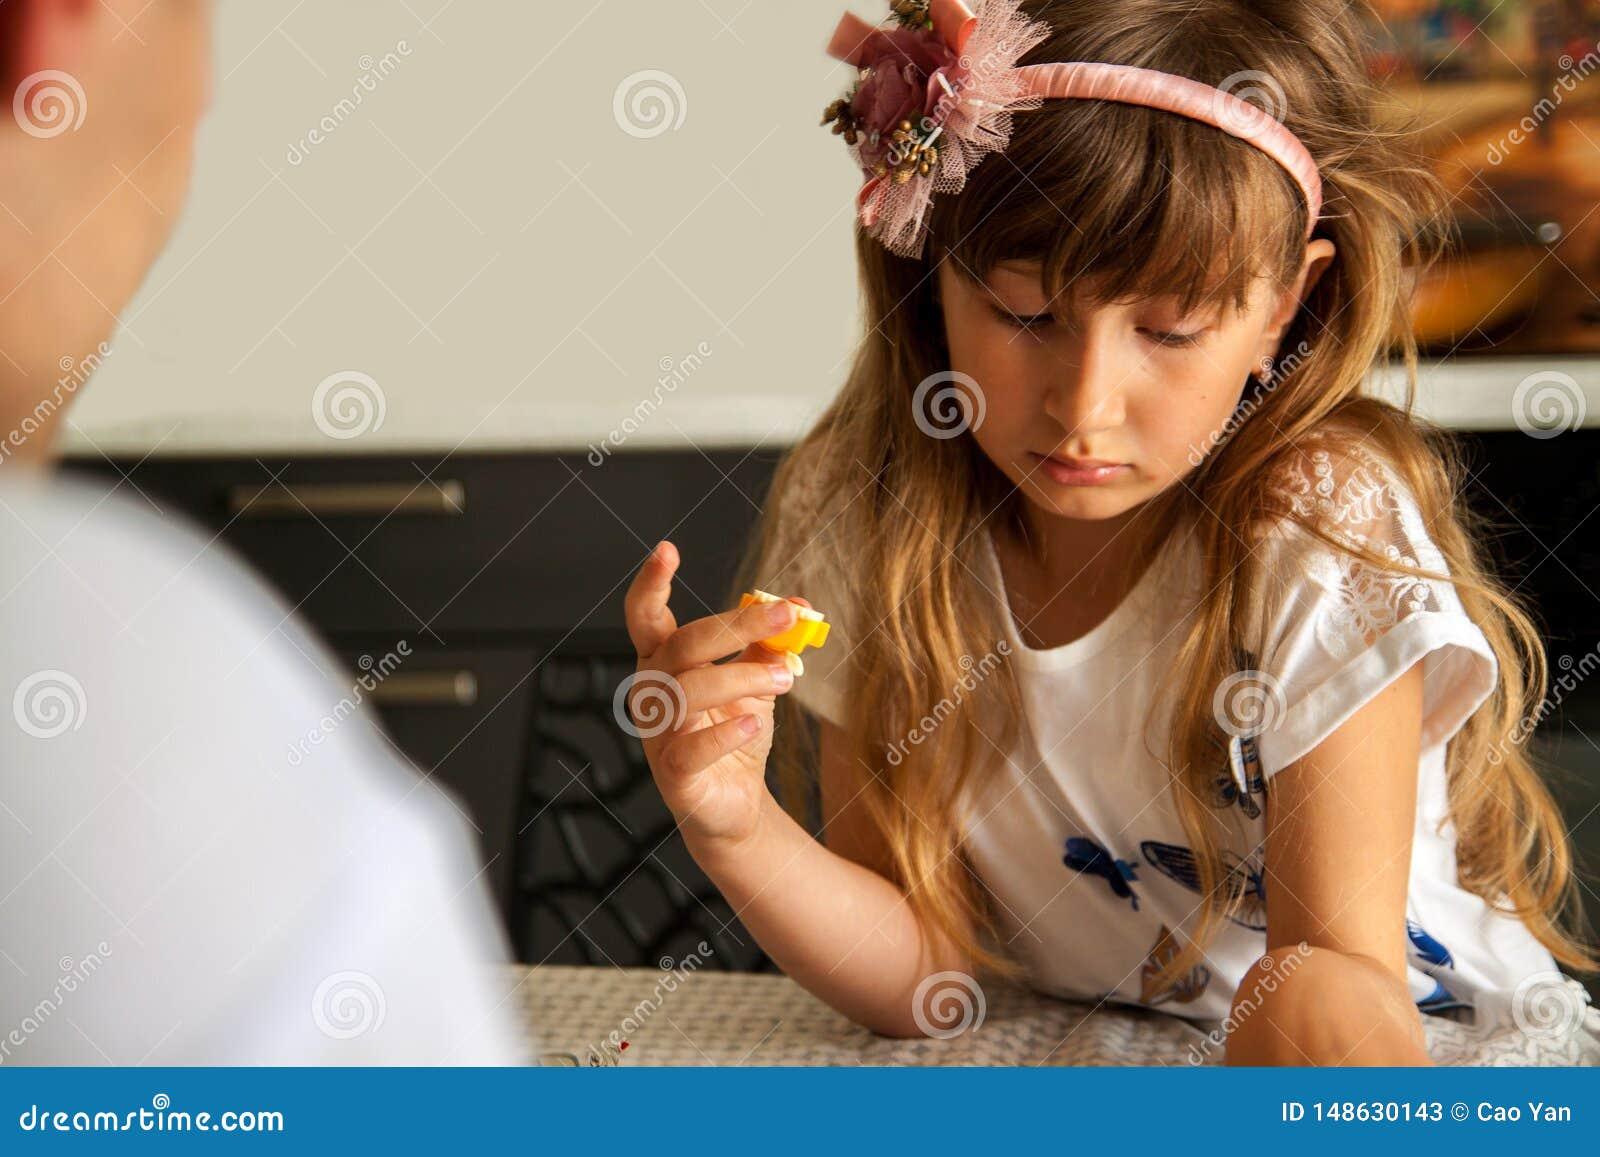 Crian?a triste, crian?a infeliz, menina doente for?ada na depress?o, pessoa abusada doente